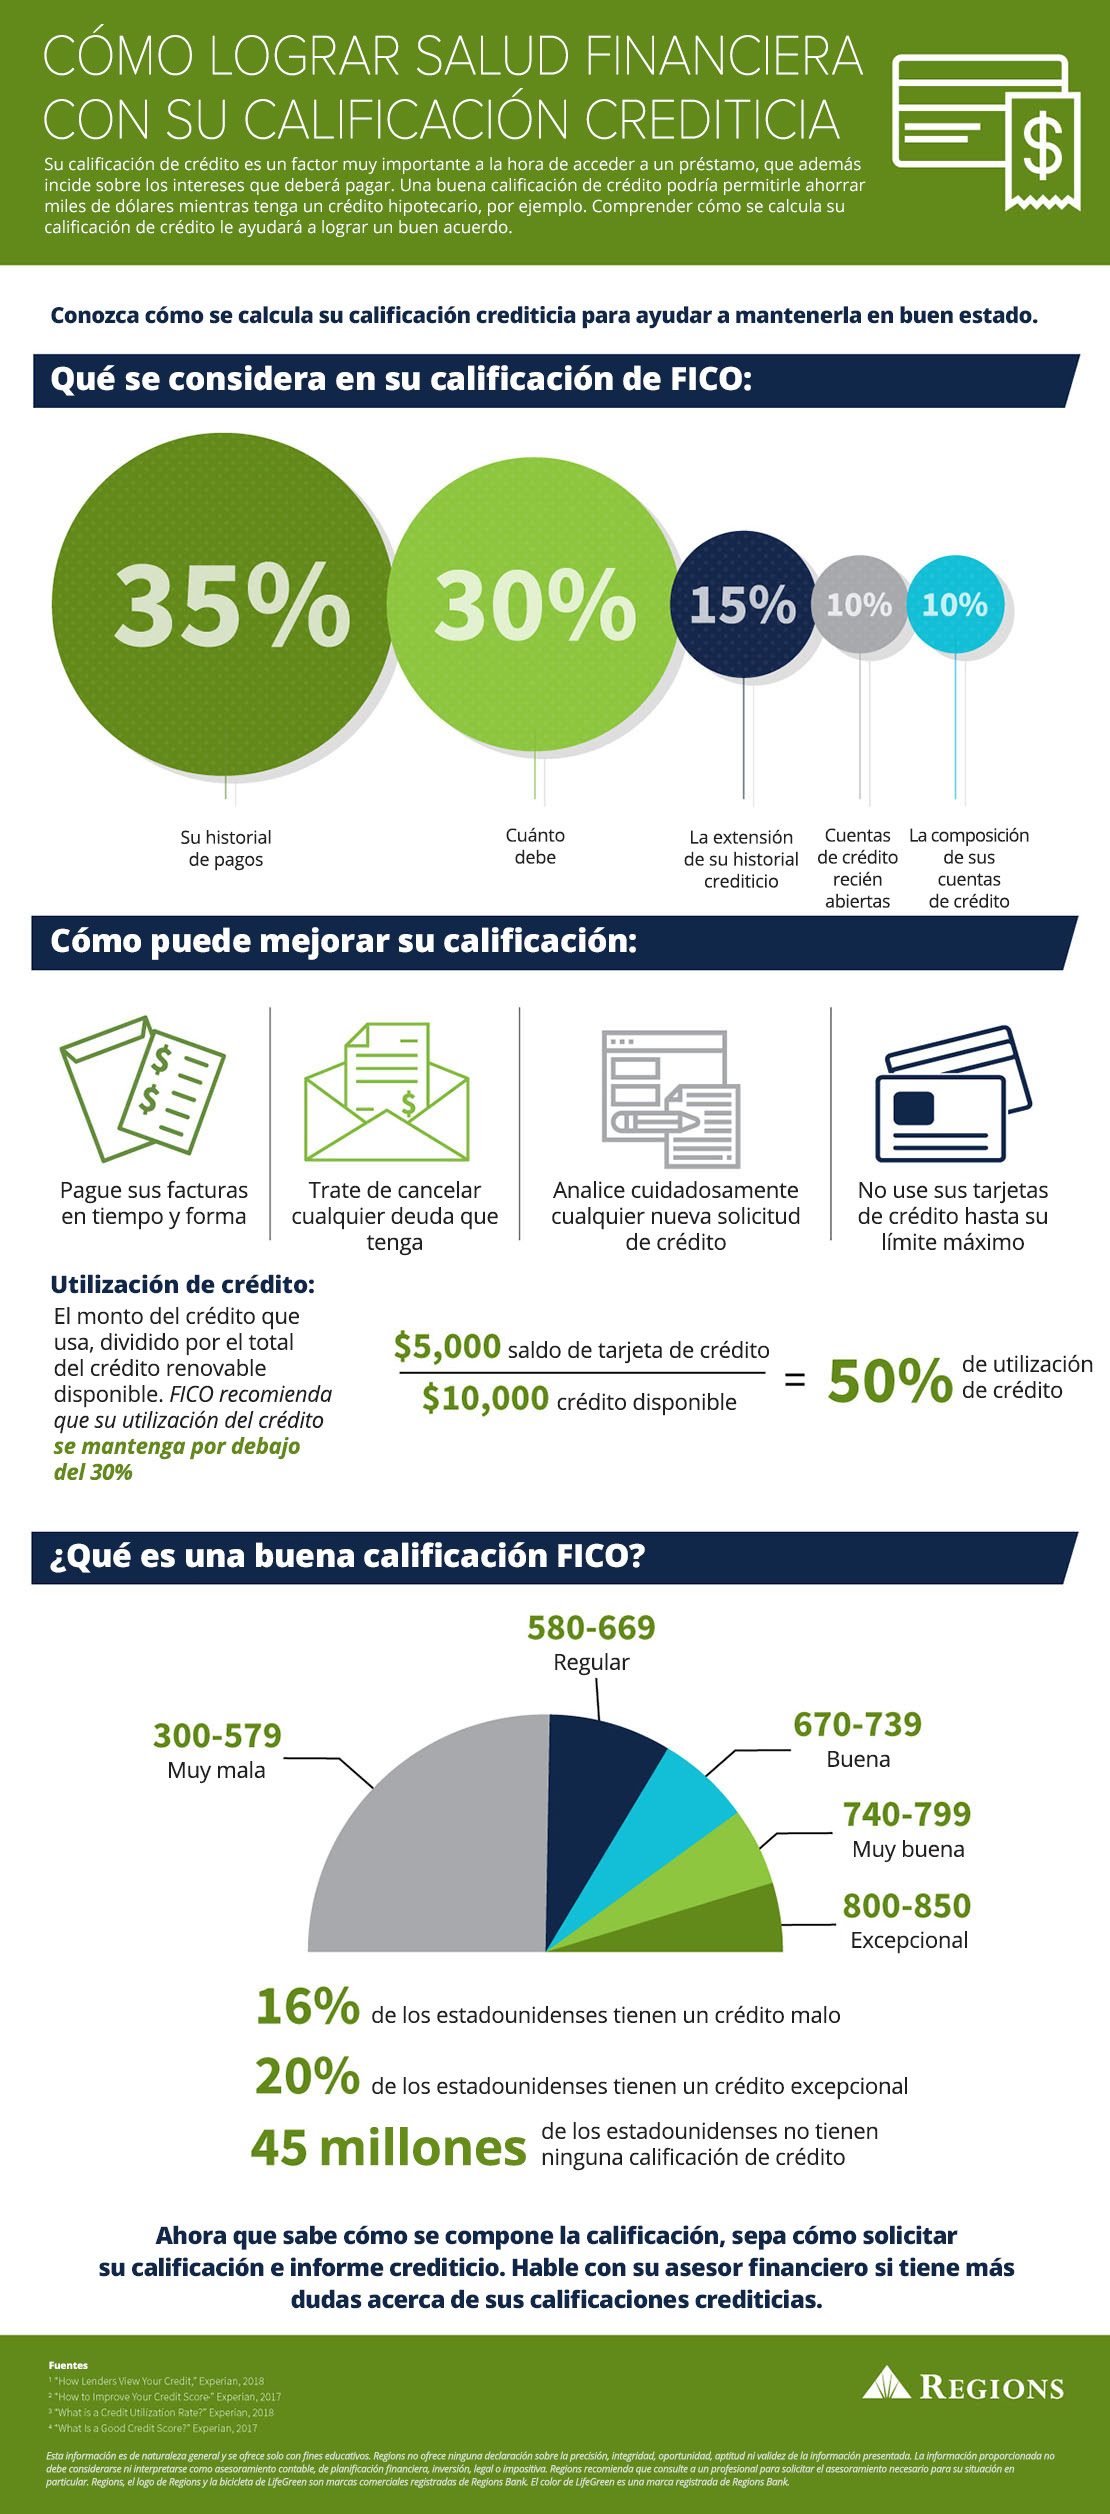 Cómo se calcula la calificación crediticia